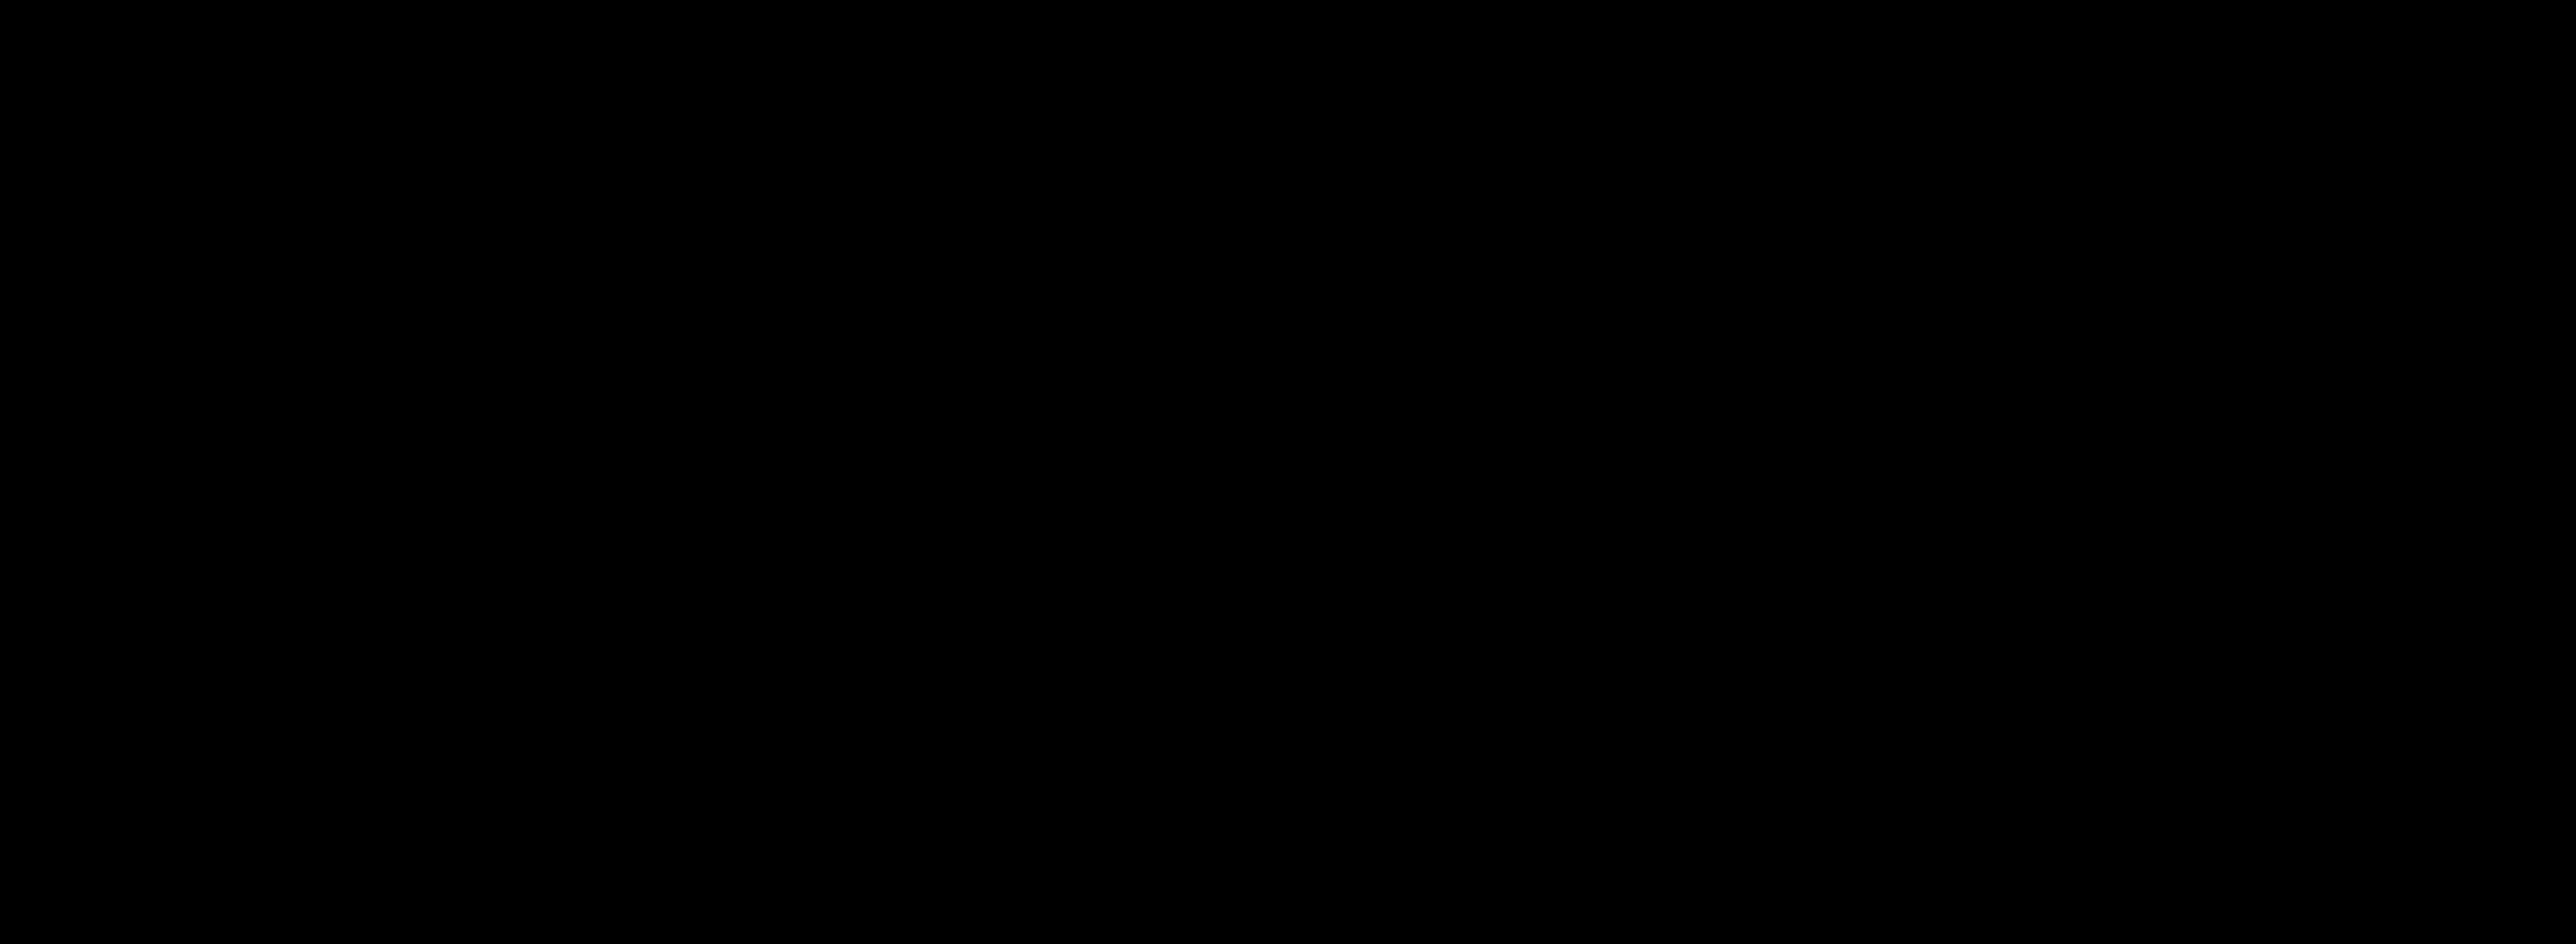 Vos plus belles photos - Page 4 Paris-pano-wladyslaw